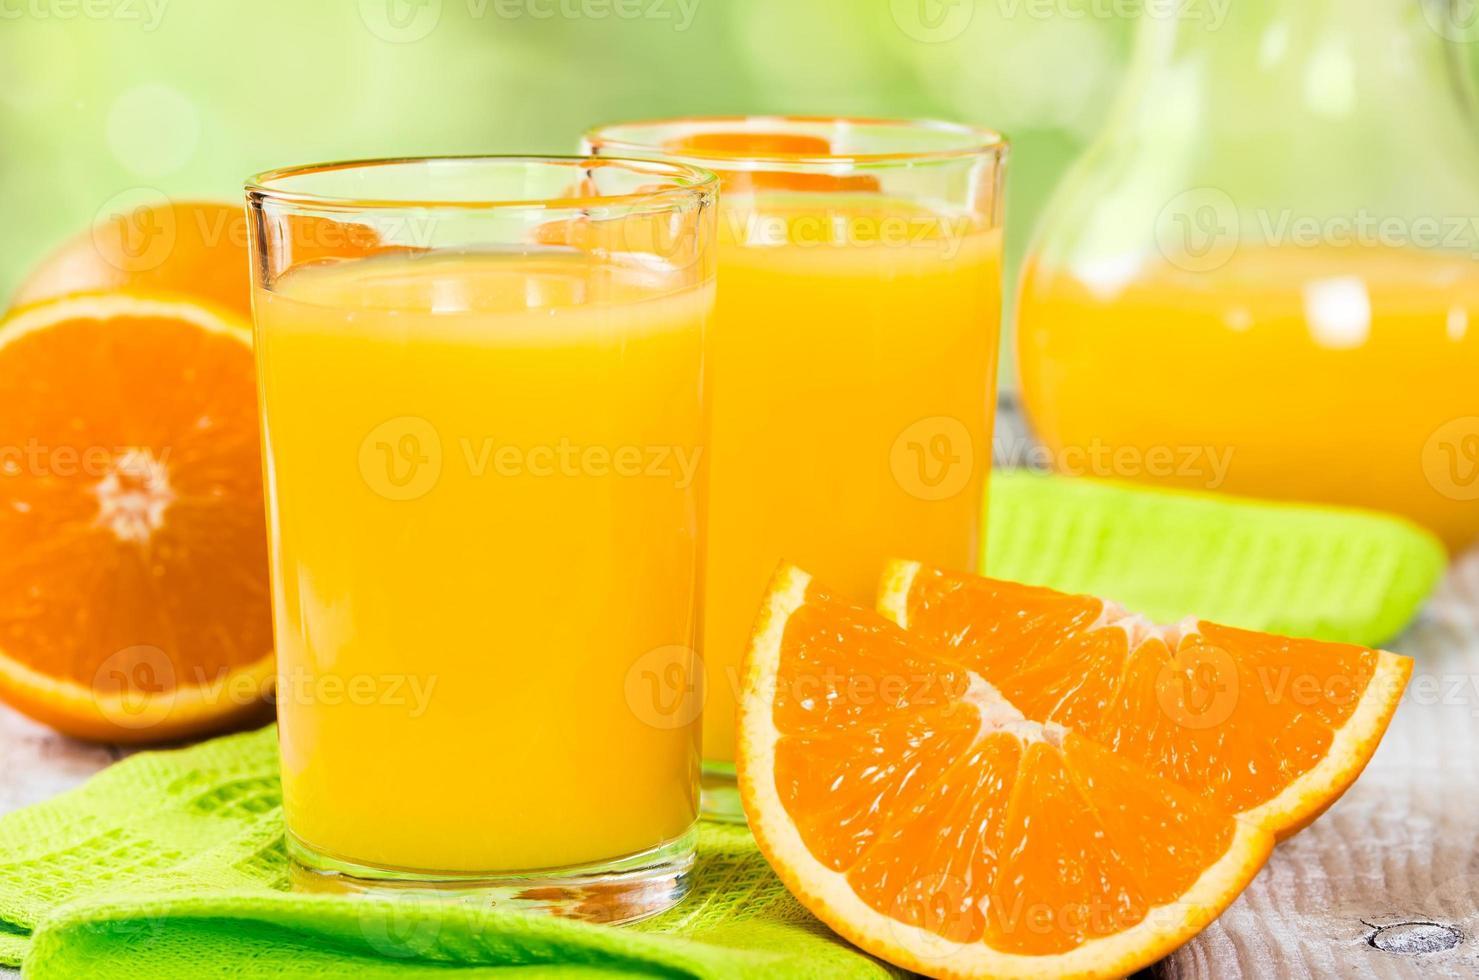 frischer Orangensaft foto